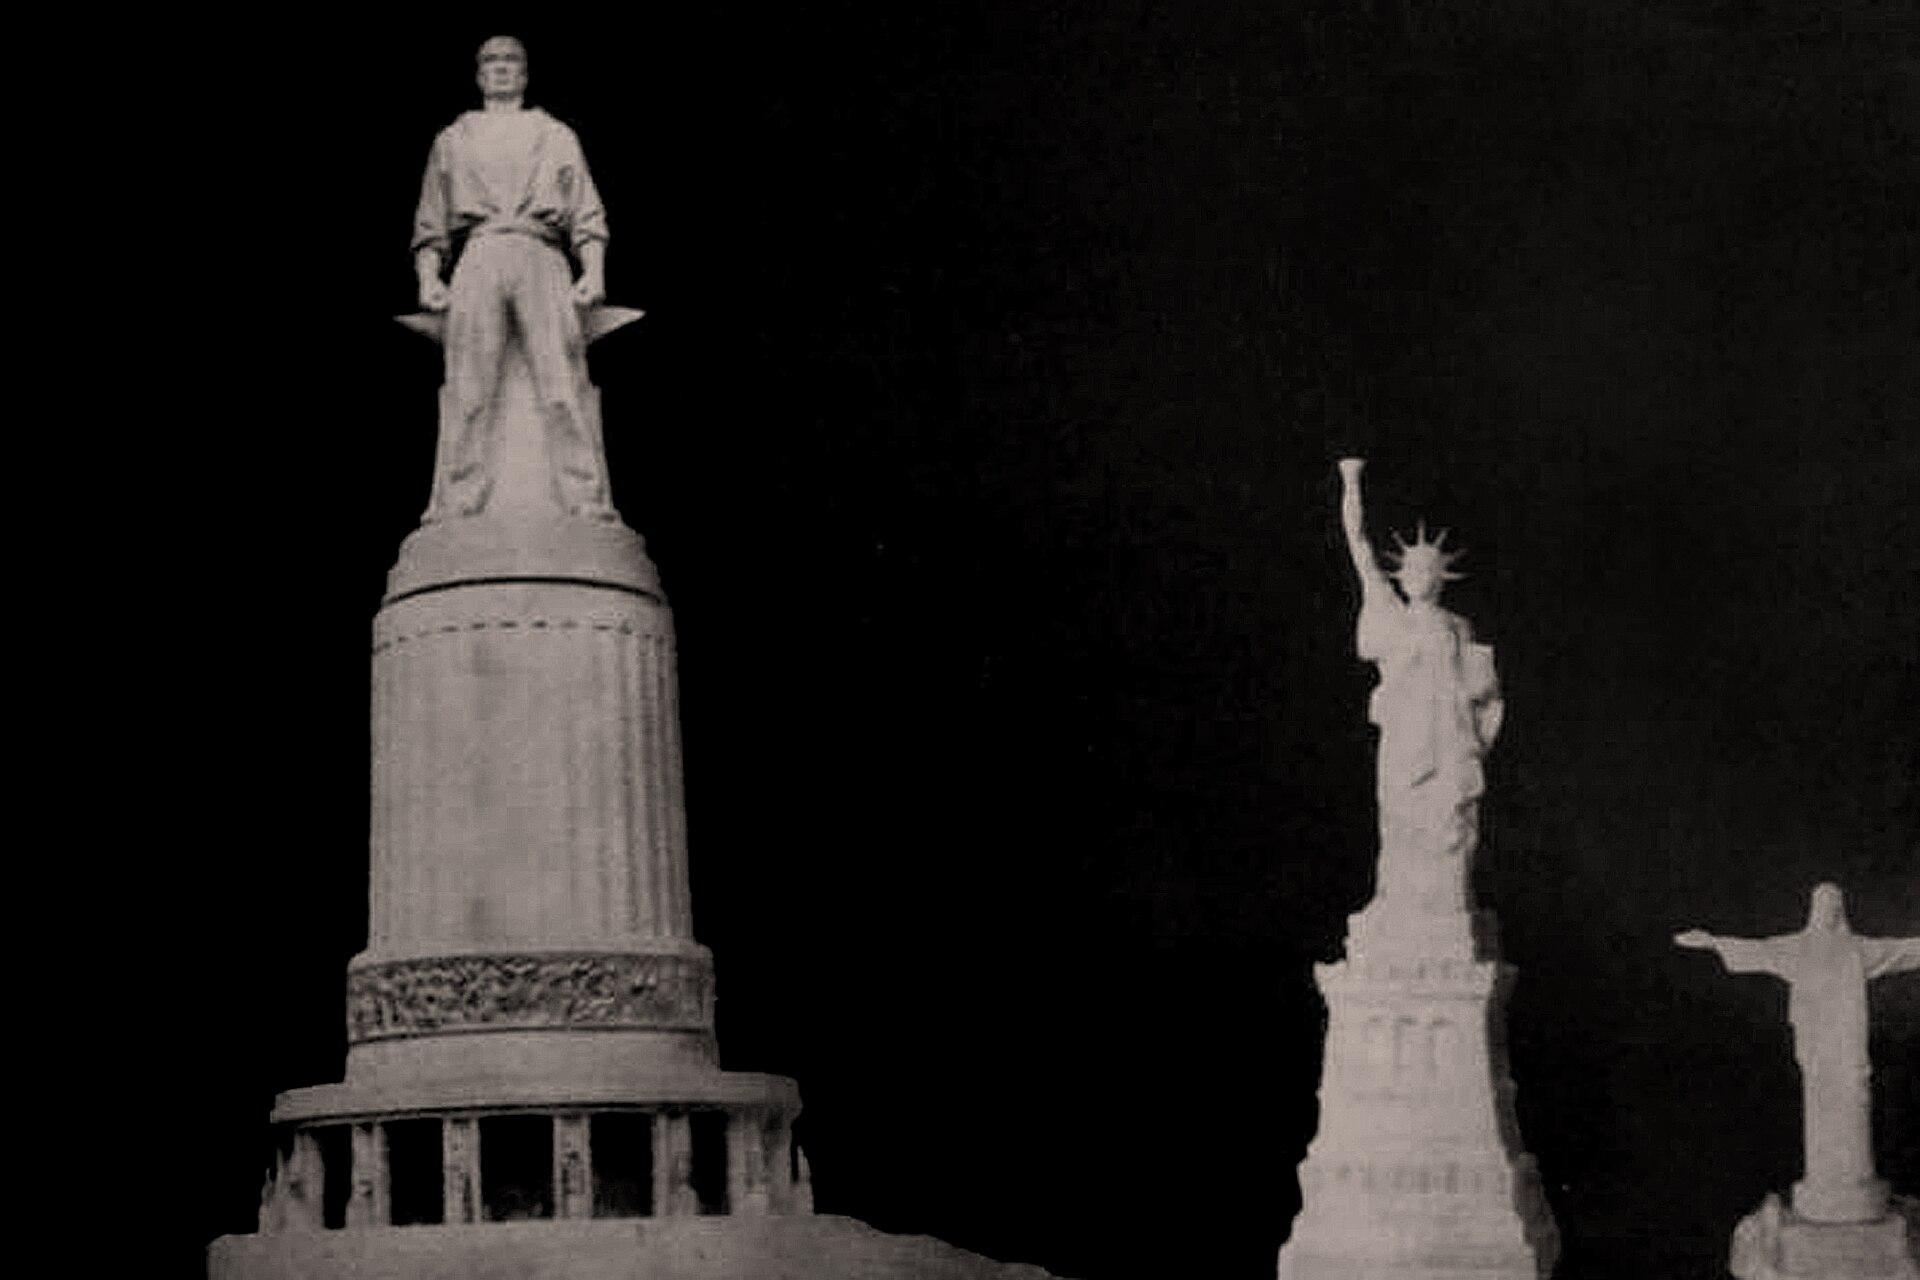 El monumento sería 46 metros más alto que la Estatua de la Libertad y casi 100 metros más que el Cristo Redentor